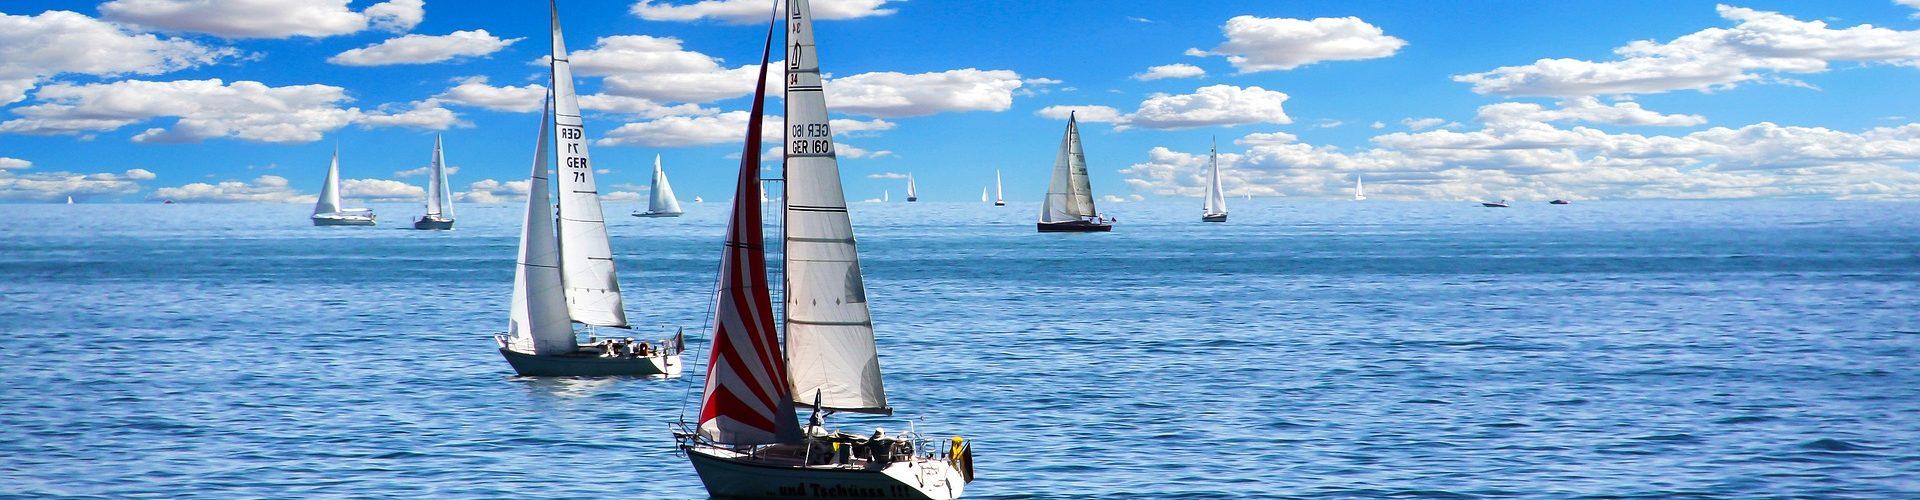 segeln lernen in Ubstadt Weiher segelschein machen in Ubstadt Weiher 1920x500 - Segeln lernen in Ubstadt-Weiher